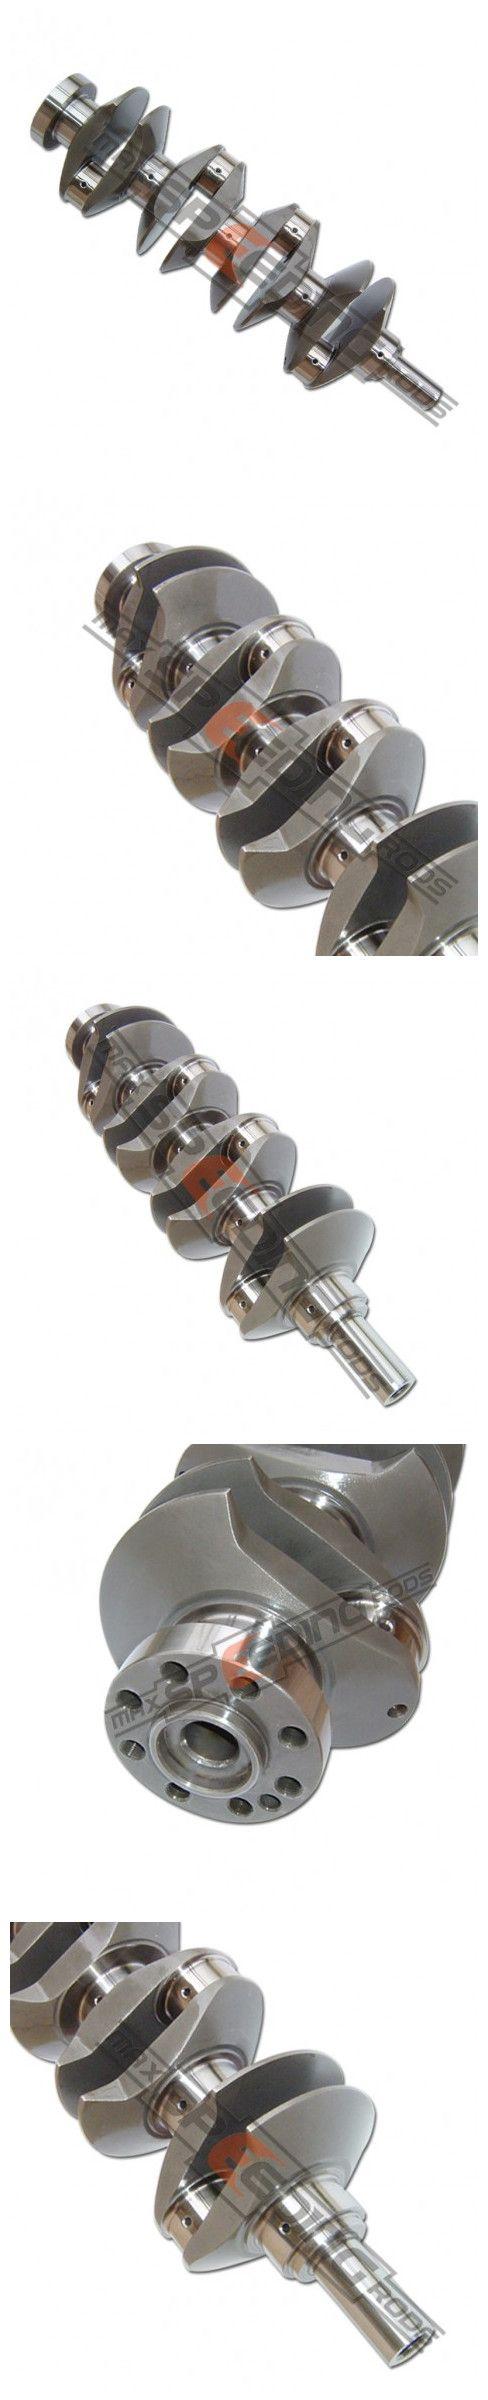 Nissan silvia 180sx 200sx s13 s14 s15 sr20 sr20det crank crankshaft nissan silviahtml